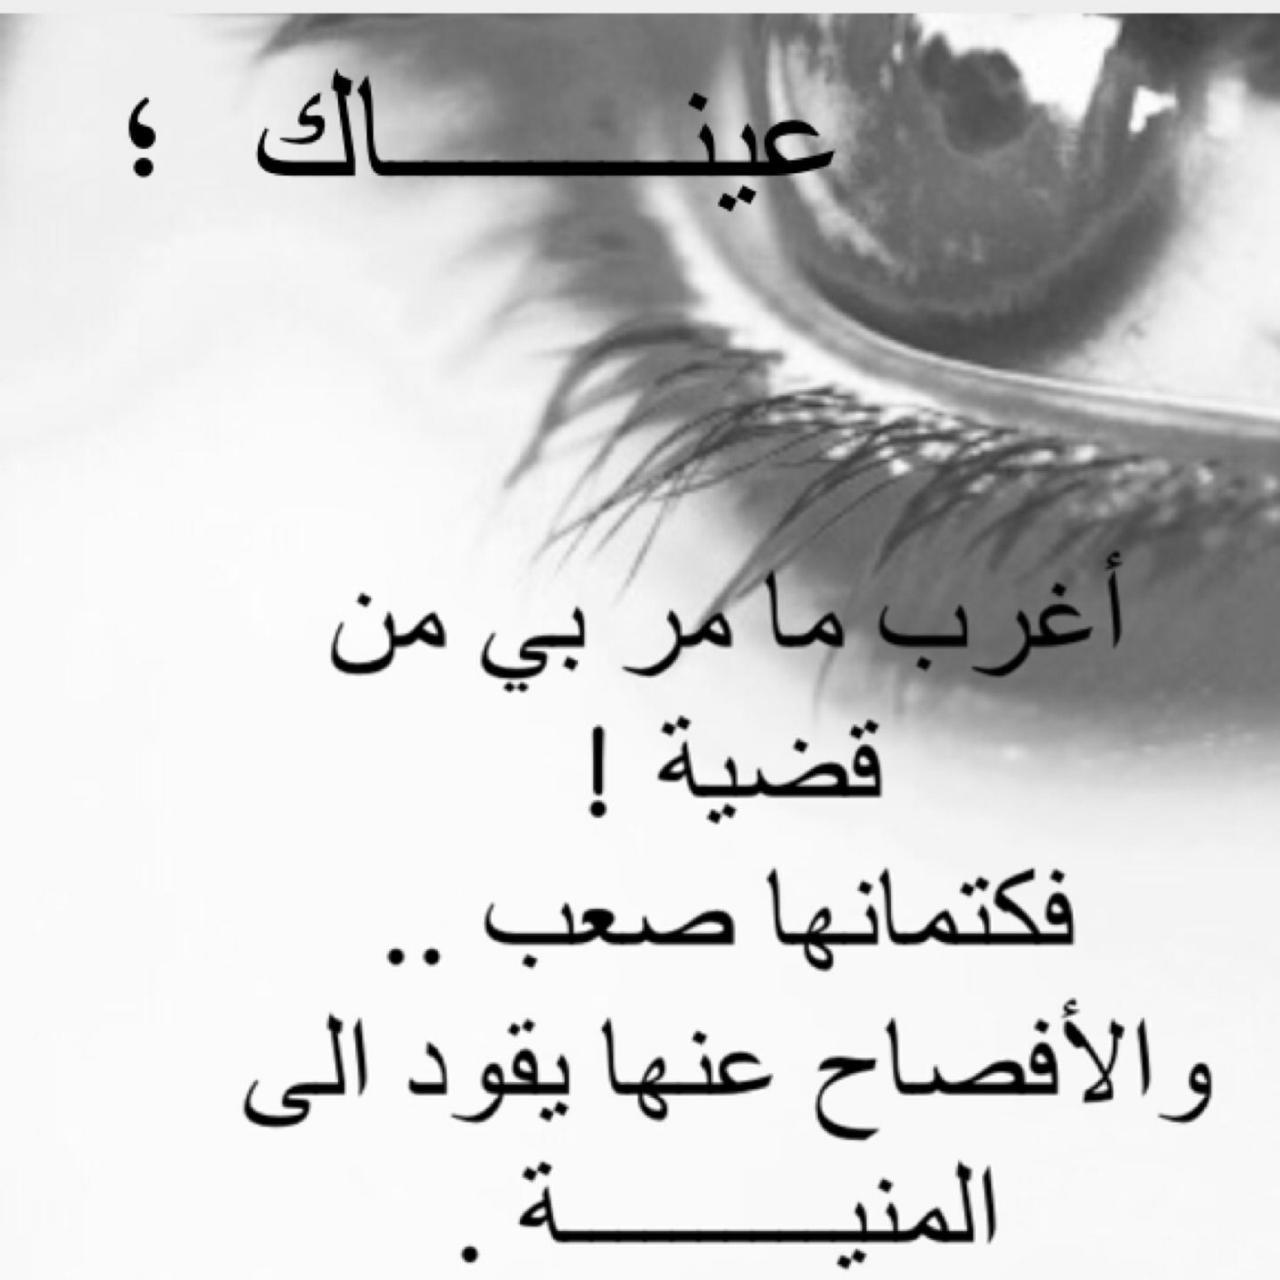 جمال العيون شعر اجمل الاشعار عن العيون عيون الرومانسية